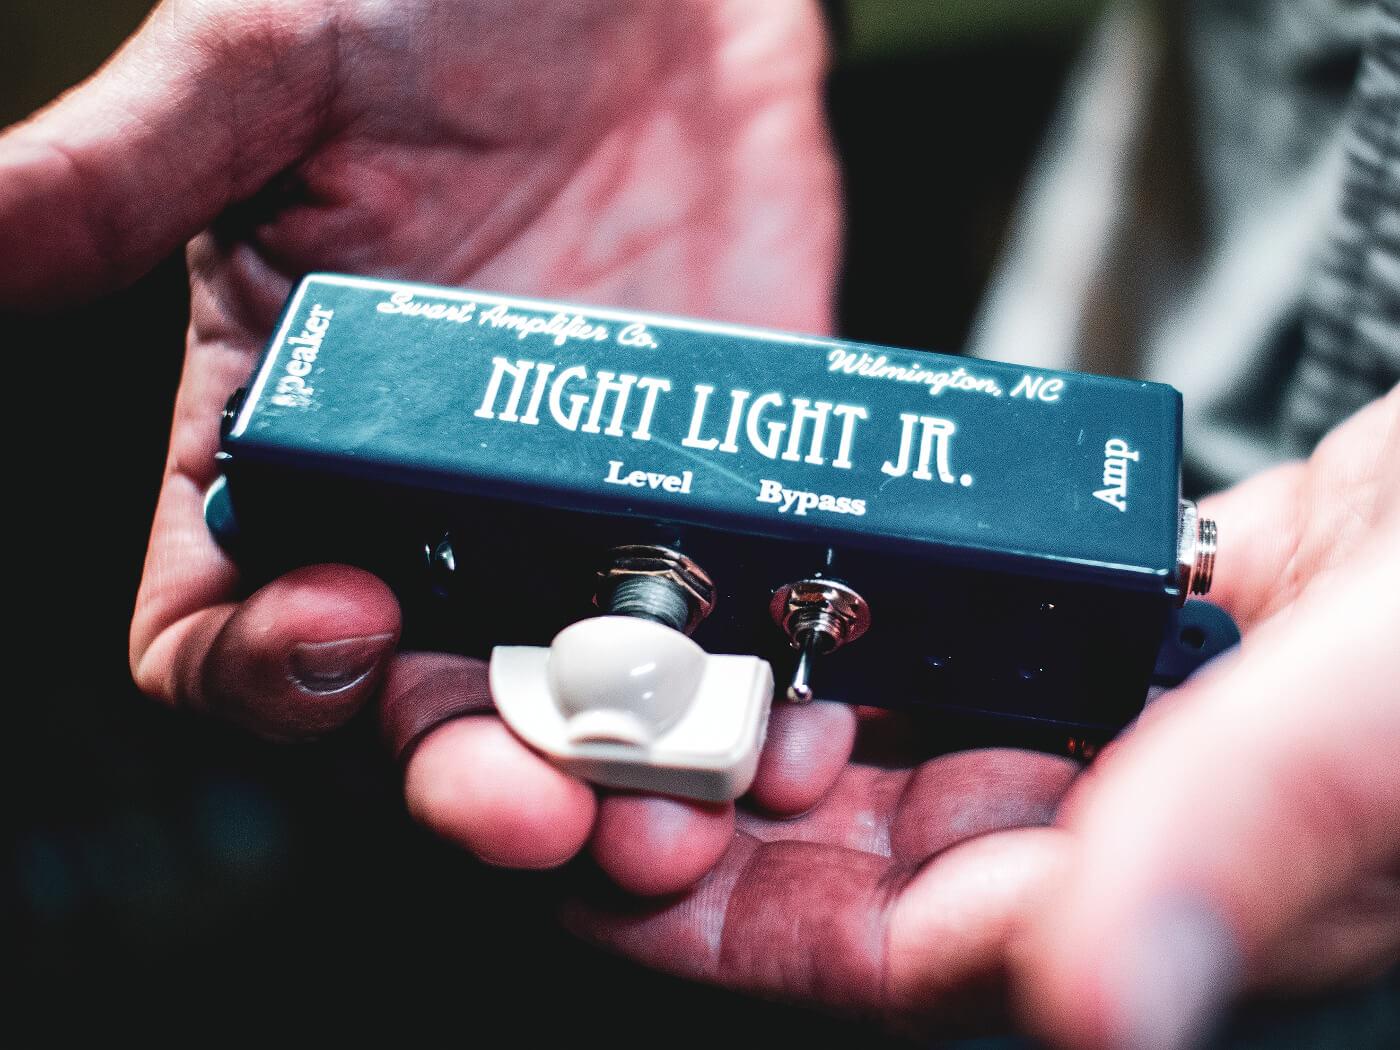 Swart NightLight Jr Attenuator